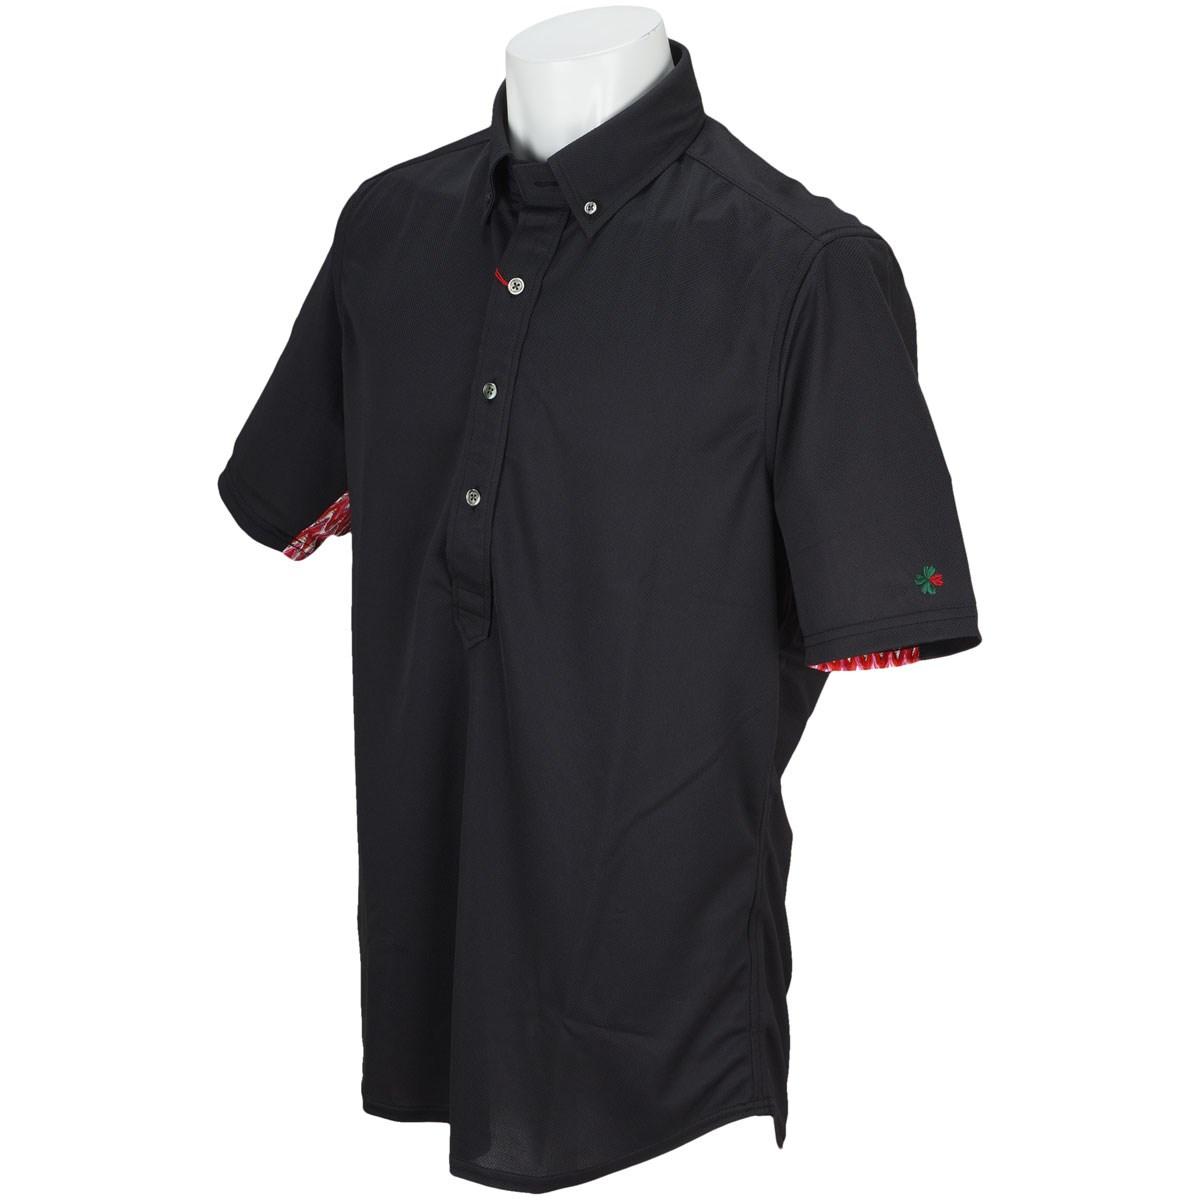 ブラッドシフト スリーブアレンジボタンダウン半袖ポロシャツ